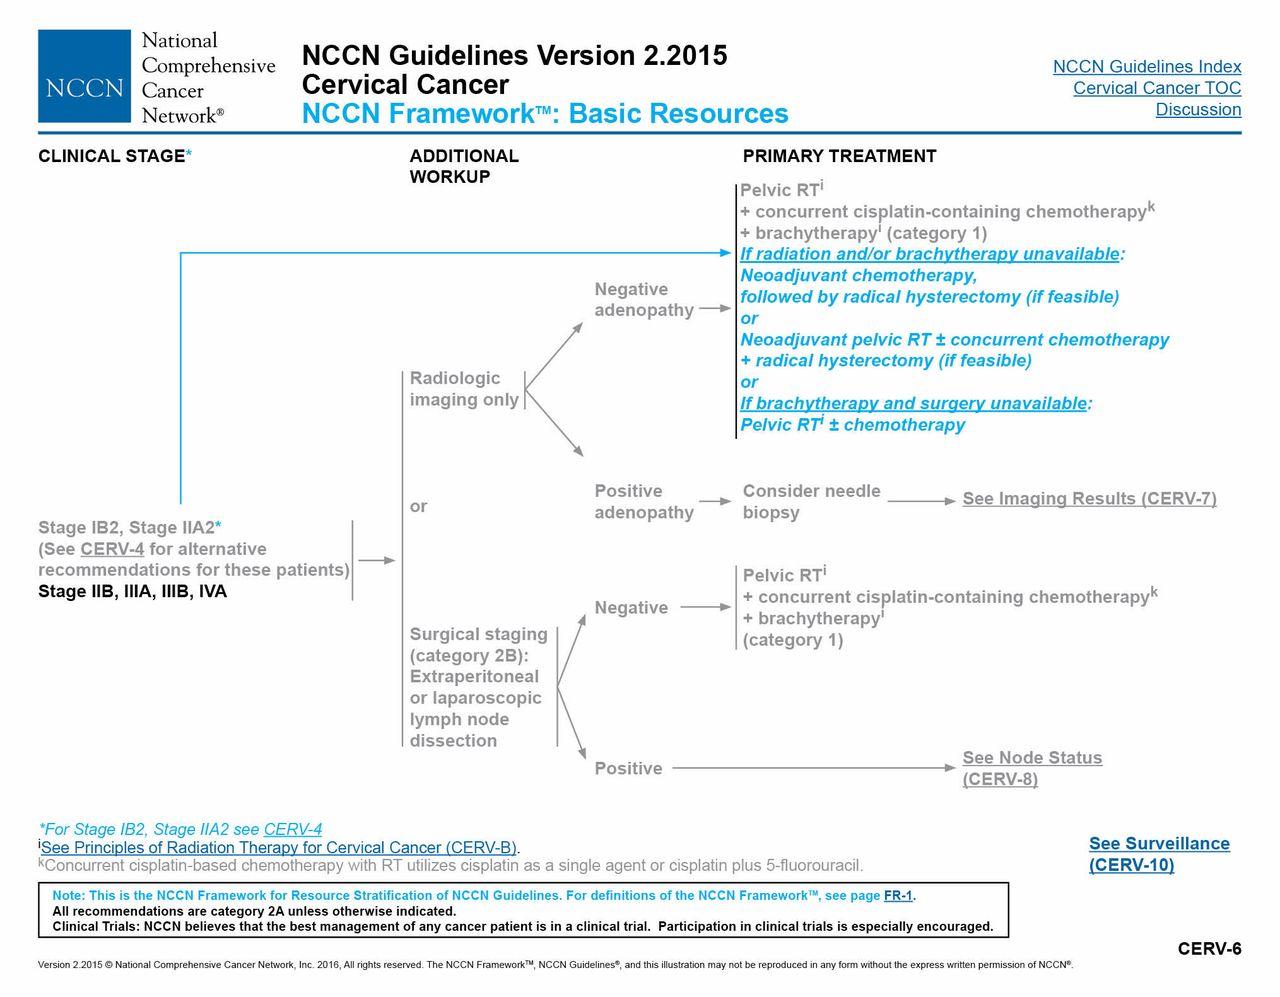 NCCN Framework for Resource Stratification: A Framework for